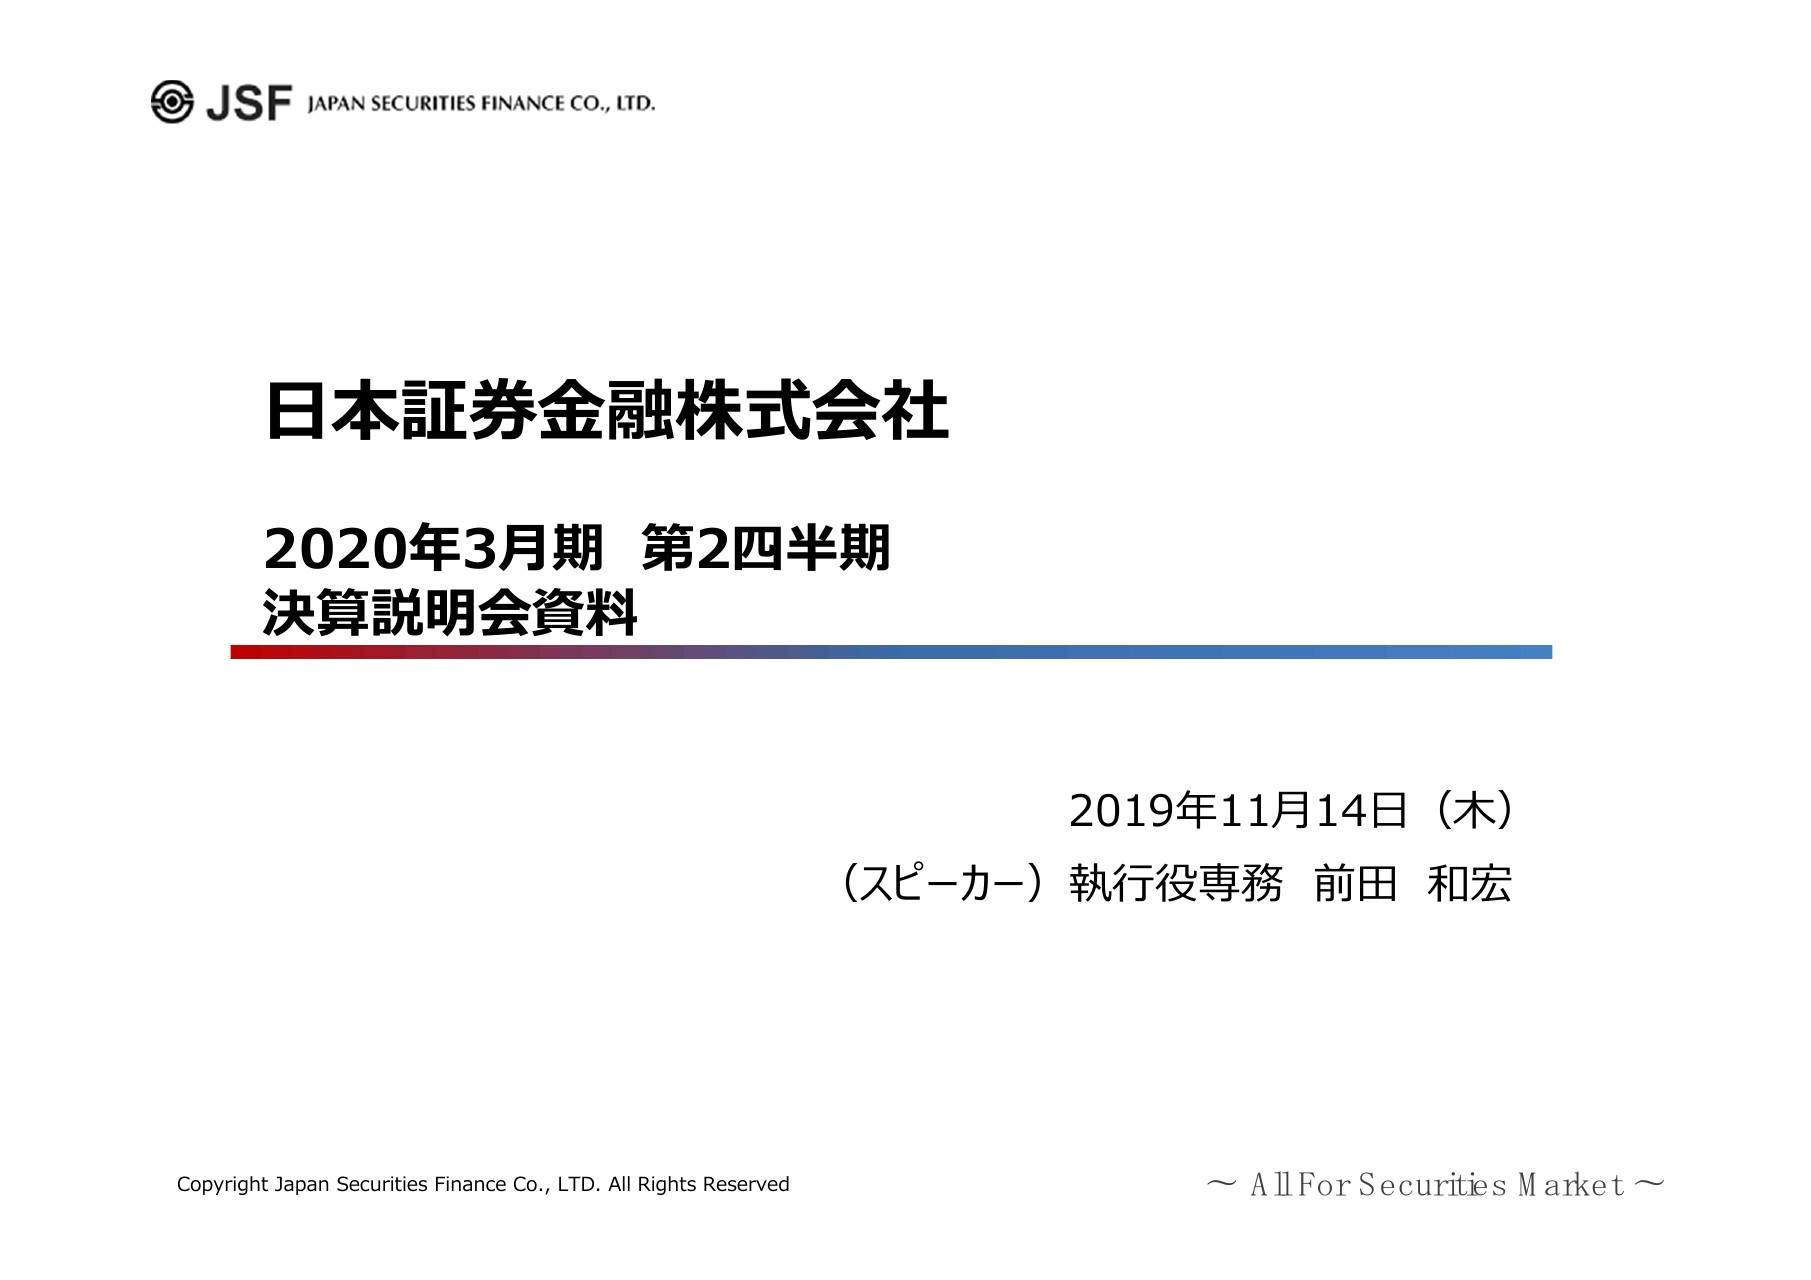 日本証券金融、2Qの営業収益は19.4%増 貸借取引業務における有価証券貸付料の増加が主因